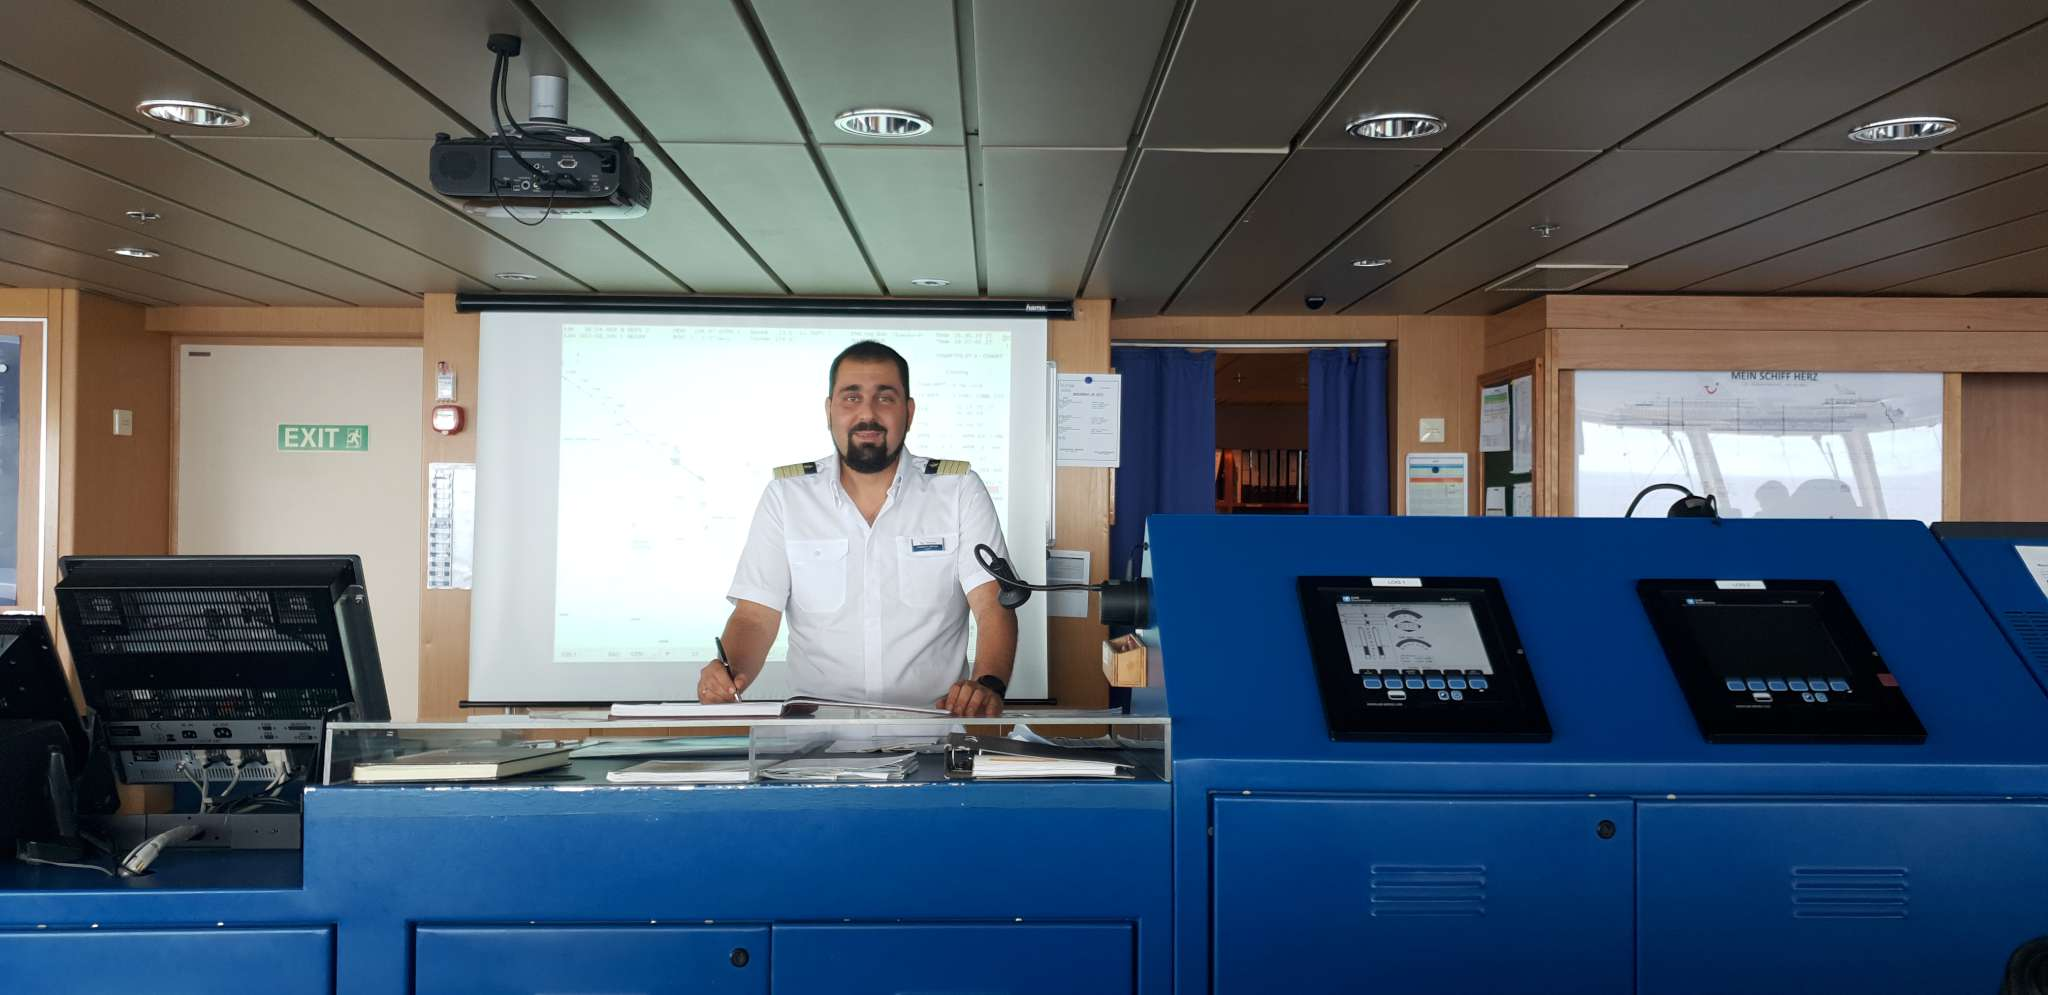 Mein Schiff Kapitän Panagiotis, oder kurz Panos, Varotsos